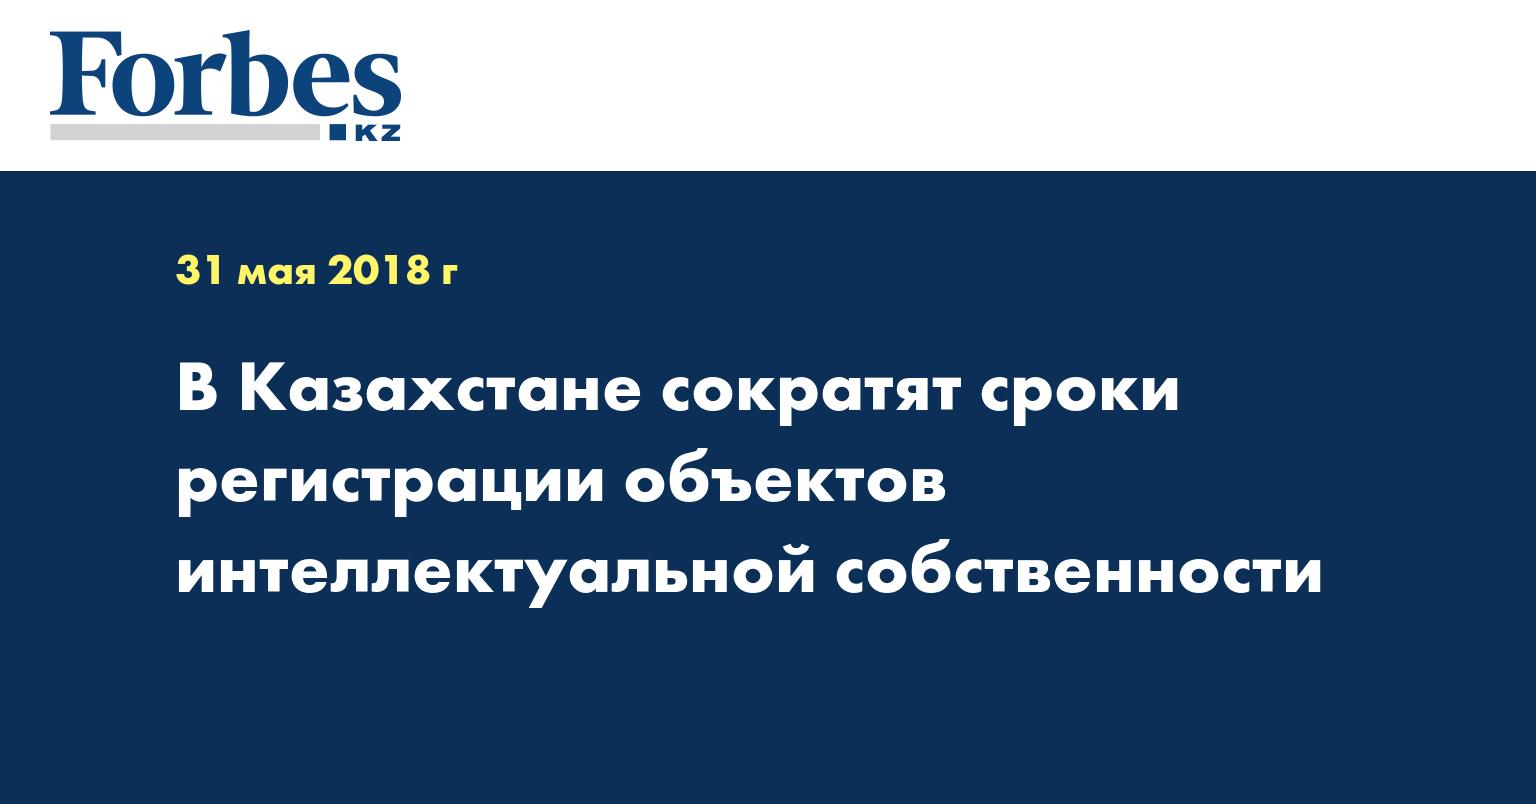 В Казахстане сократят сроки регистрации объектов интеллектуальной собственности